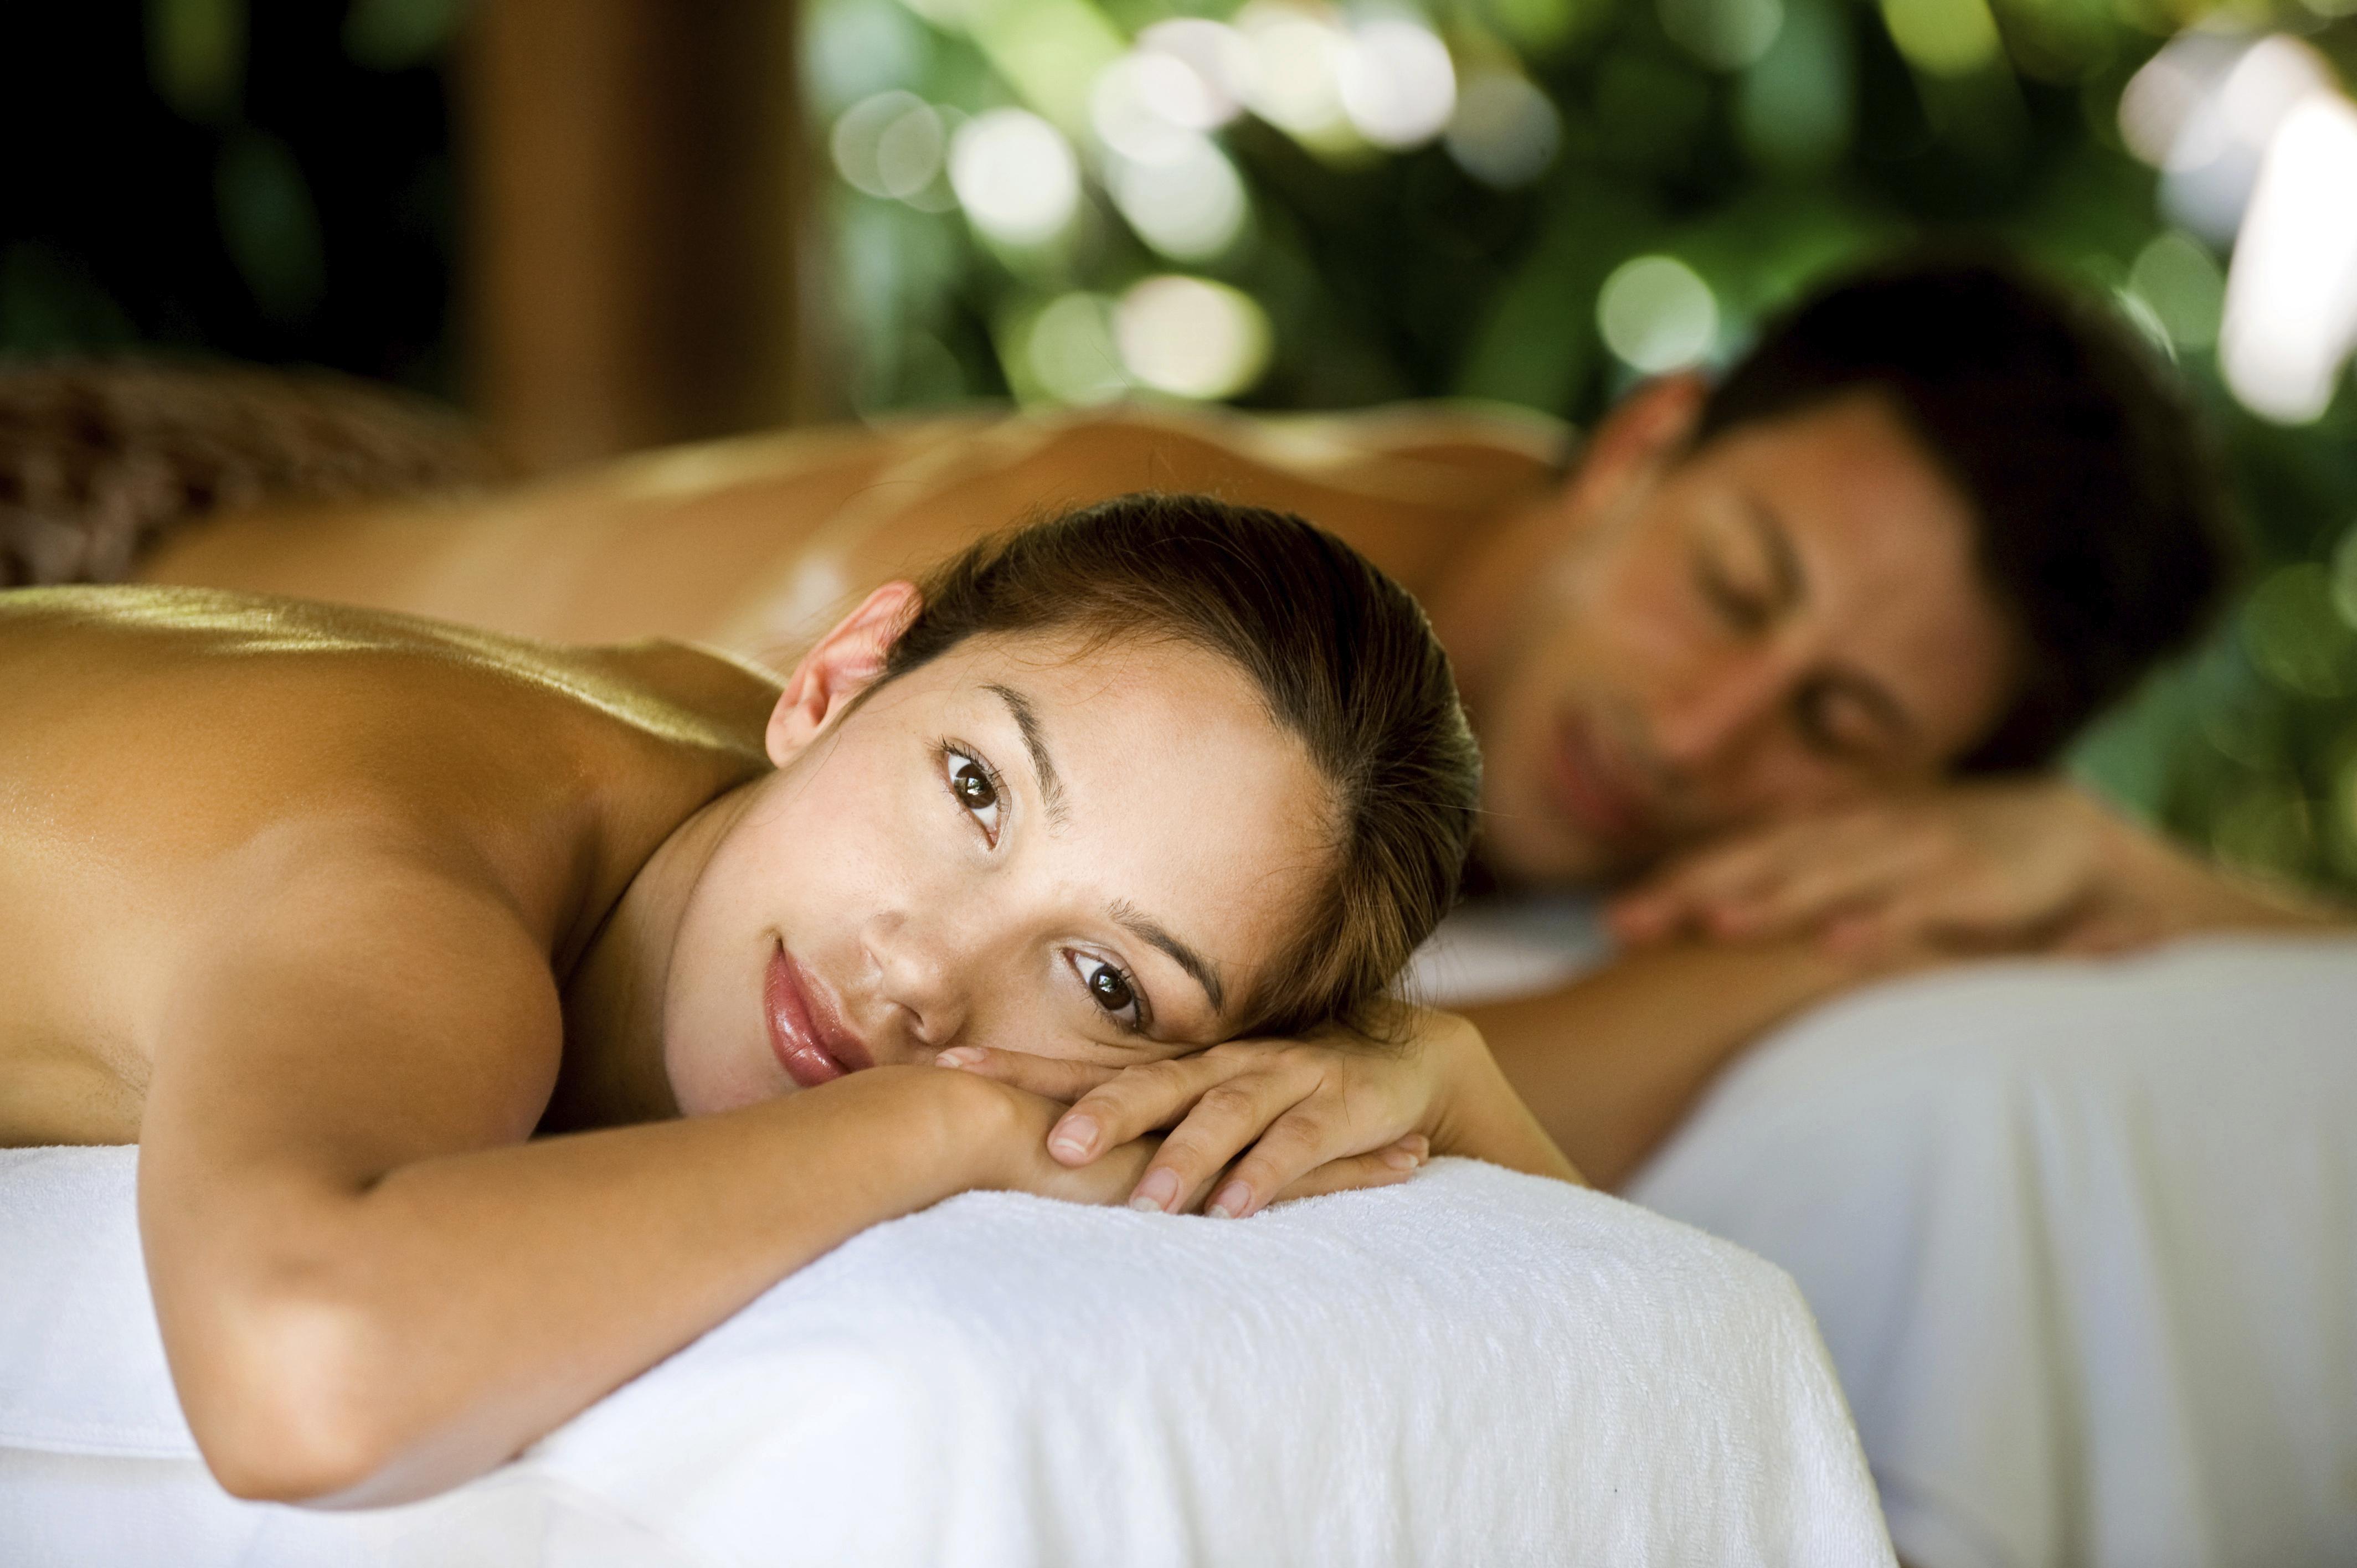 orlando adult massage